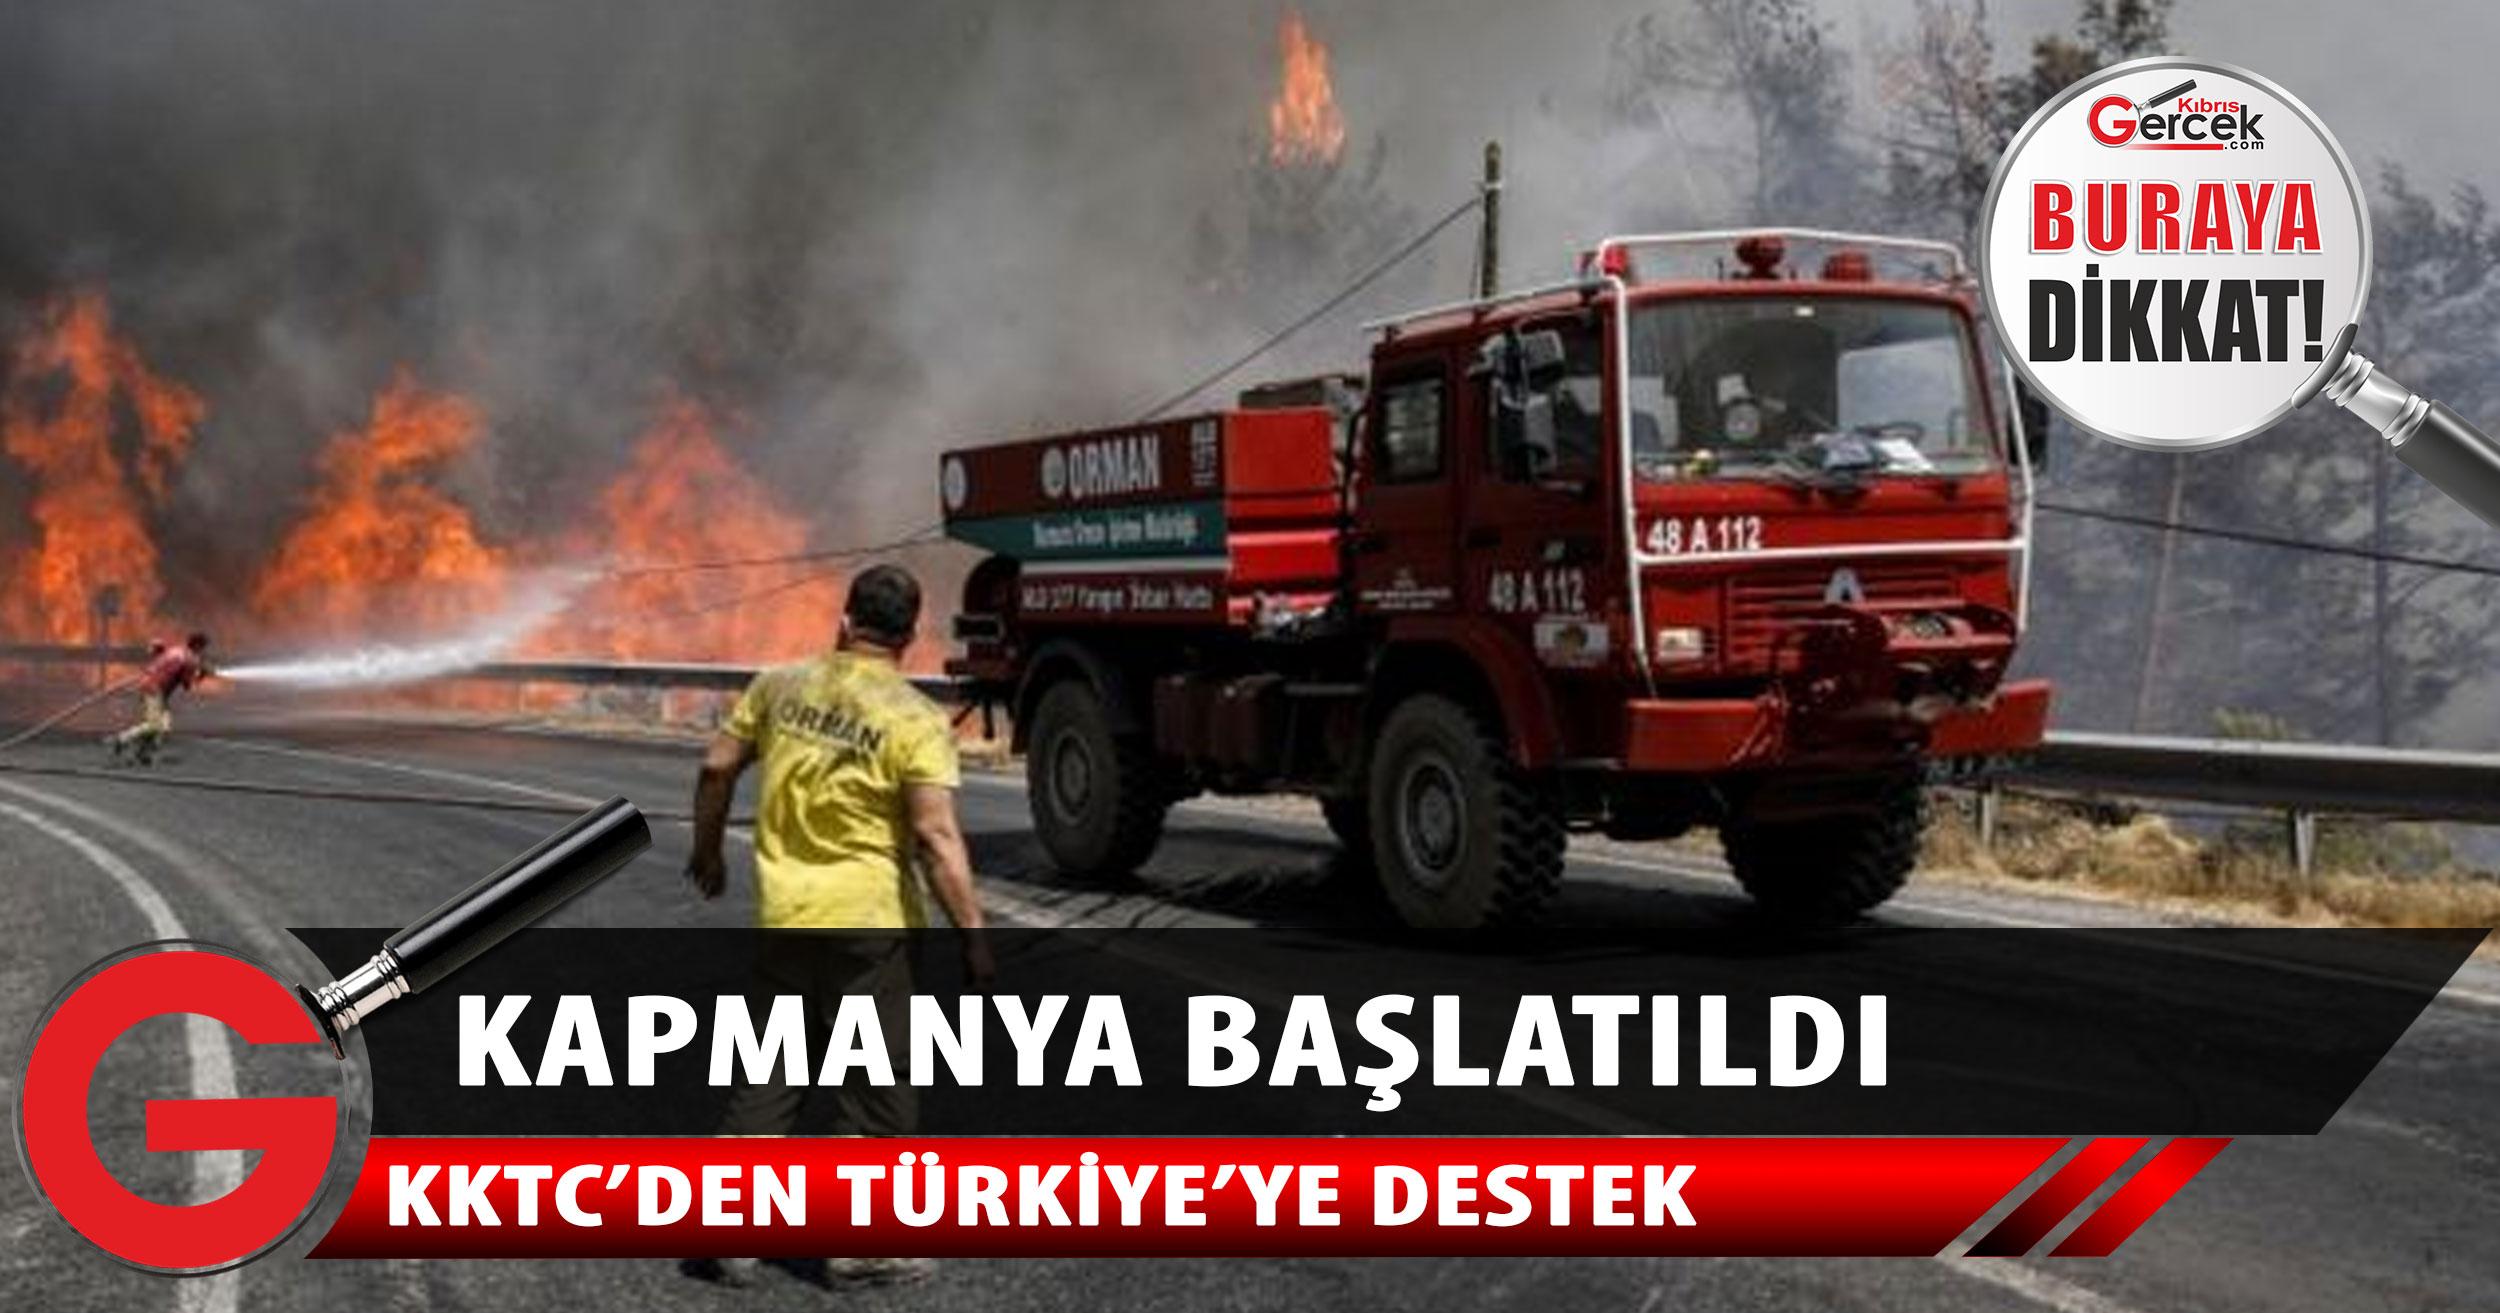 Türkiye'ye destek kampanyası